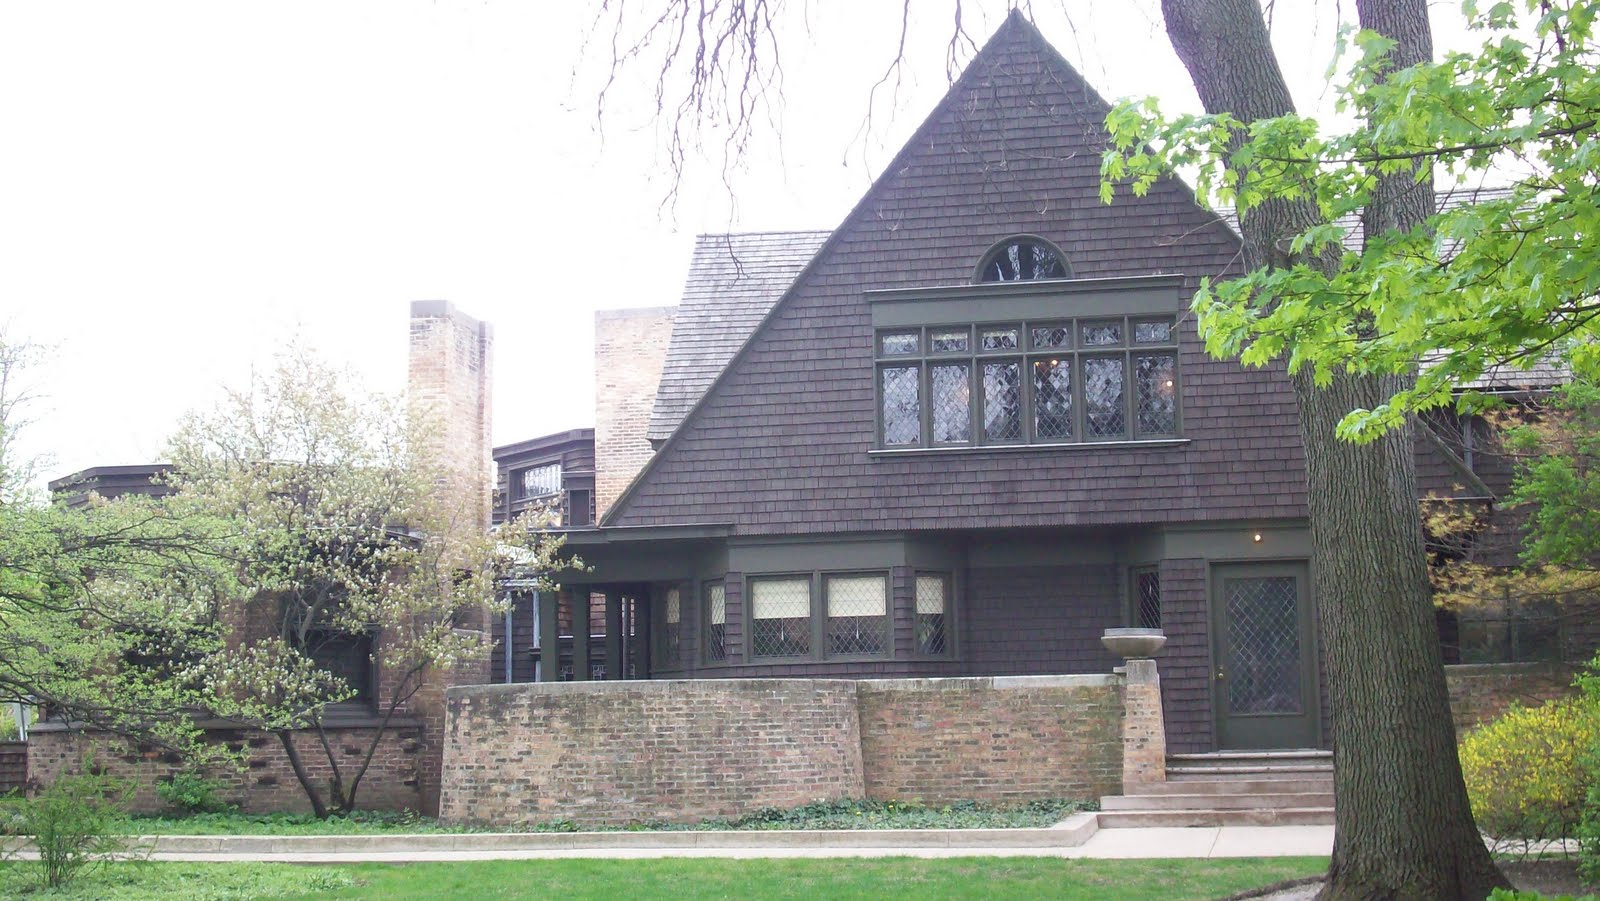 histoire d 39 art chicago sur les pas de l architecte franck lloyd wright. Black Bedroom Furniture Sets. Home Design Ideas